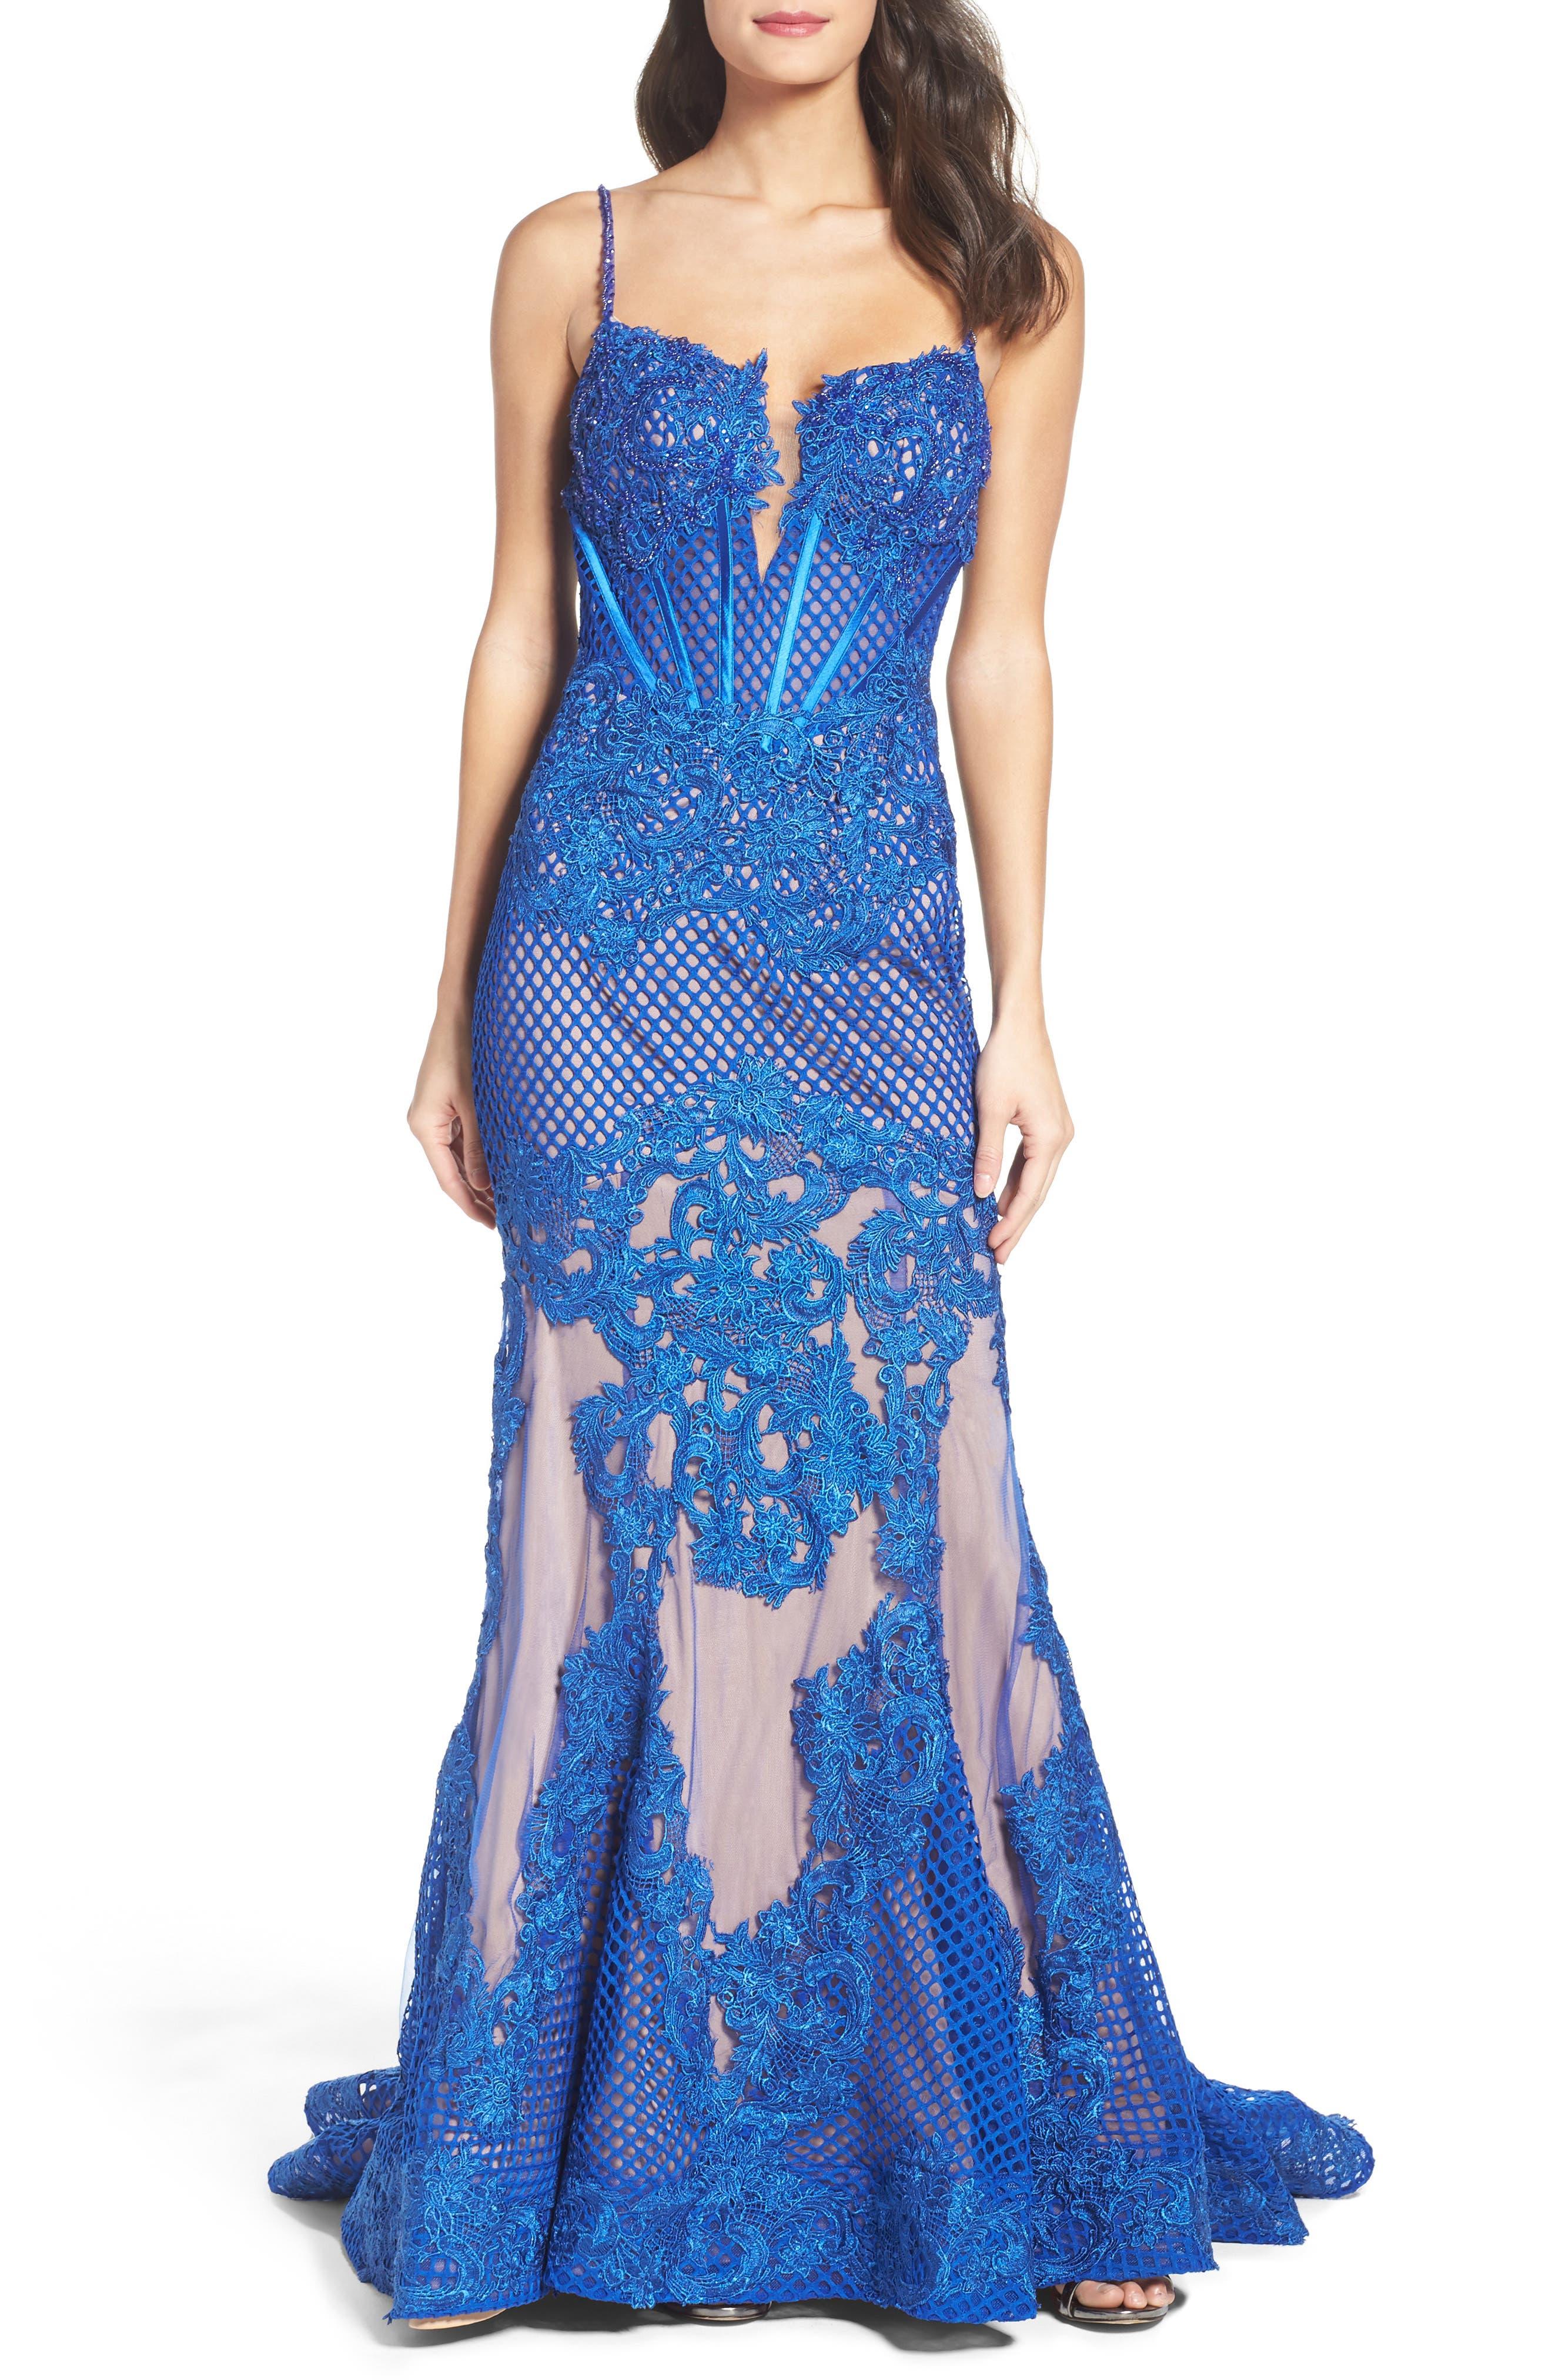 Alternate Image 1 Selected - Mac Duggal Illusion Mermaid Gown